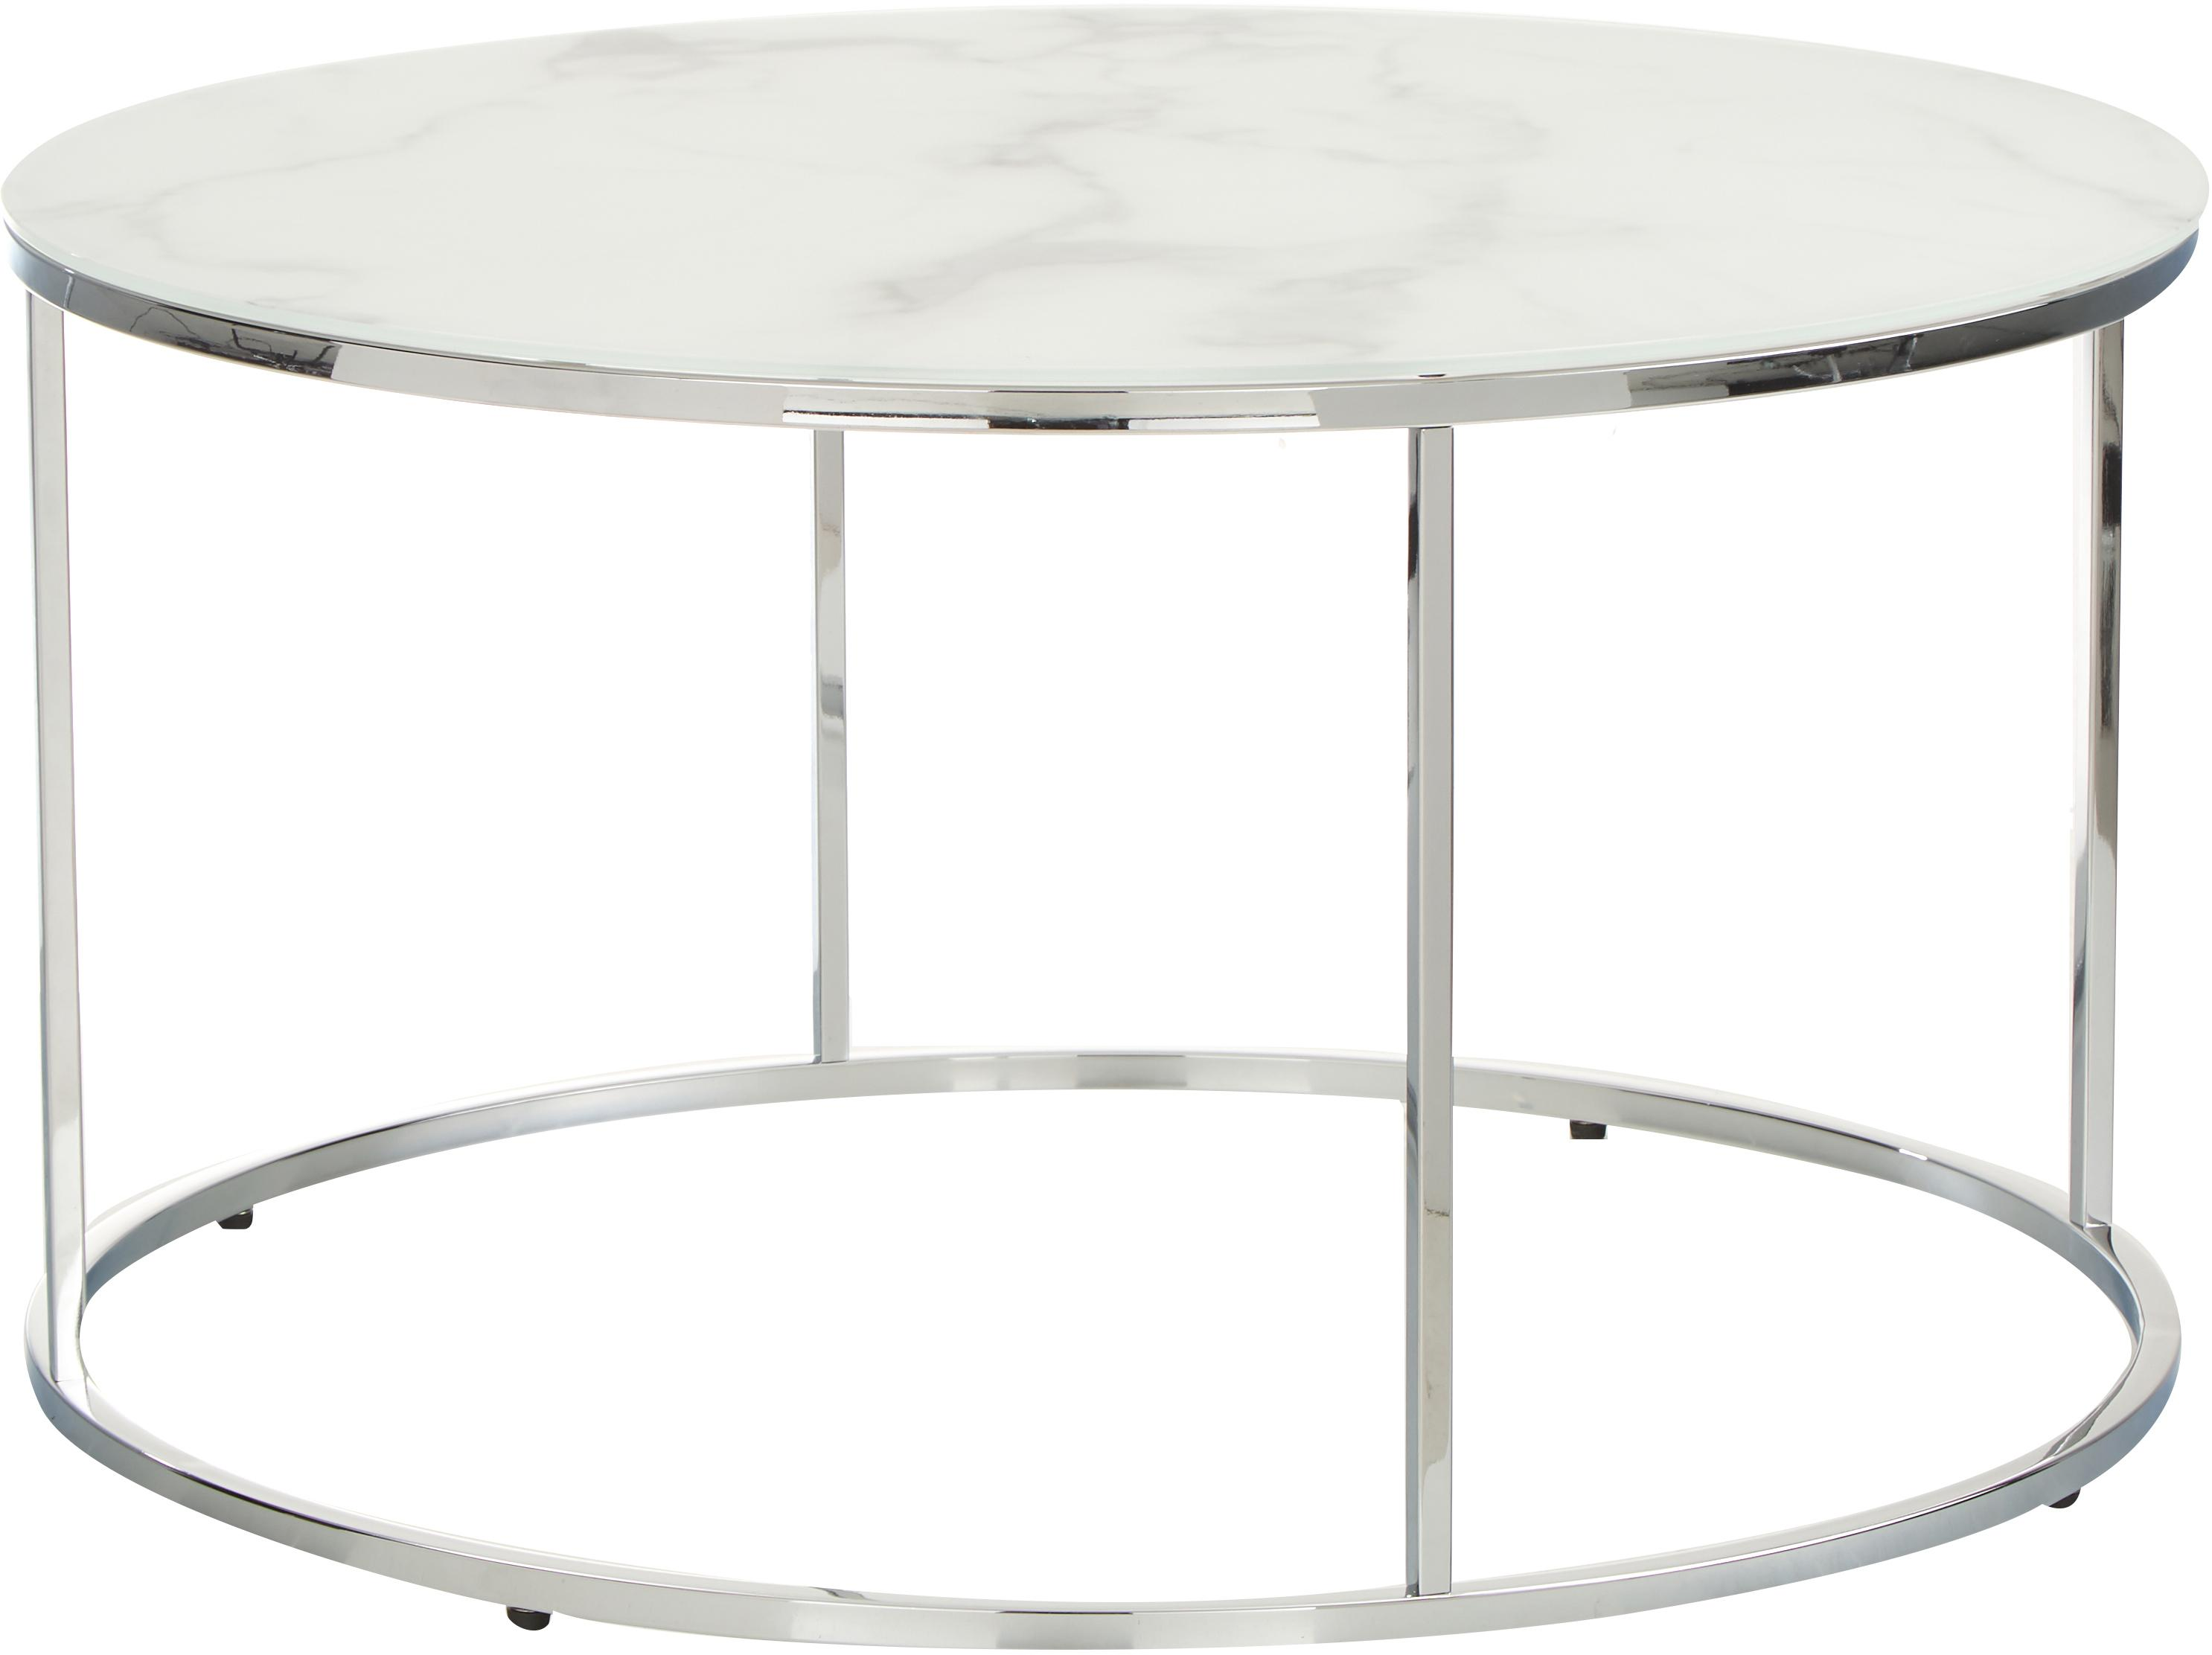 Couchtisch Antigua mit marmorierter Glasplatte, Tischplatte: Glas, matt bedruckt, Gestell: Stahl, verchromt, Weiss-grau marmoriert, Silberfarben, Ø 80 x H 45 cm